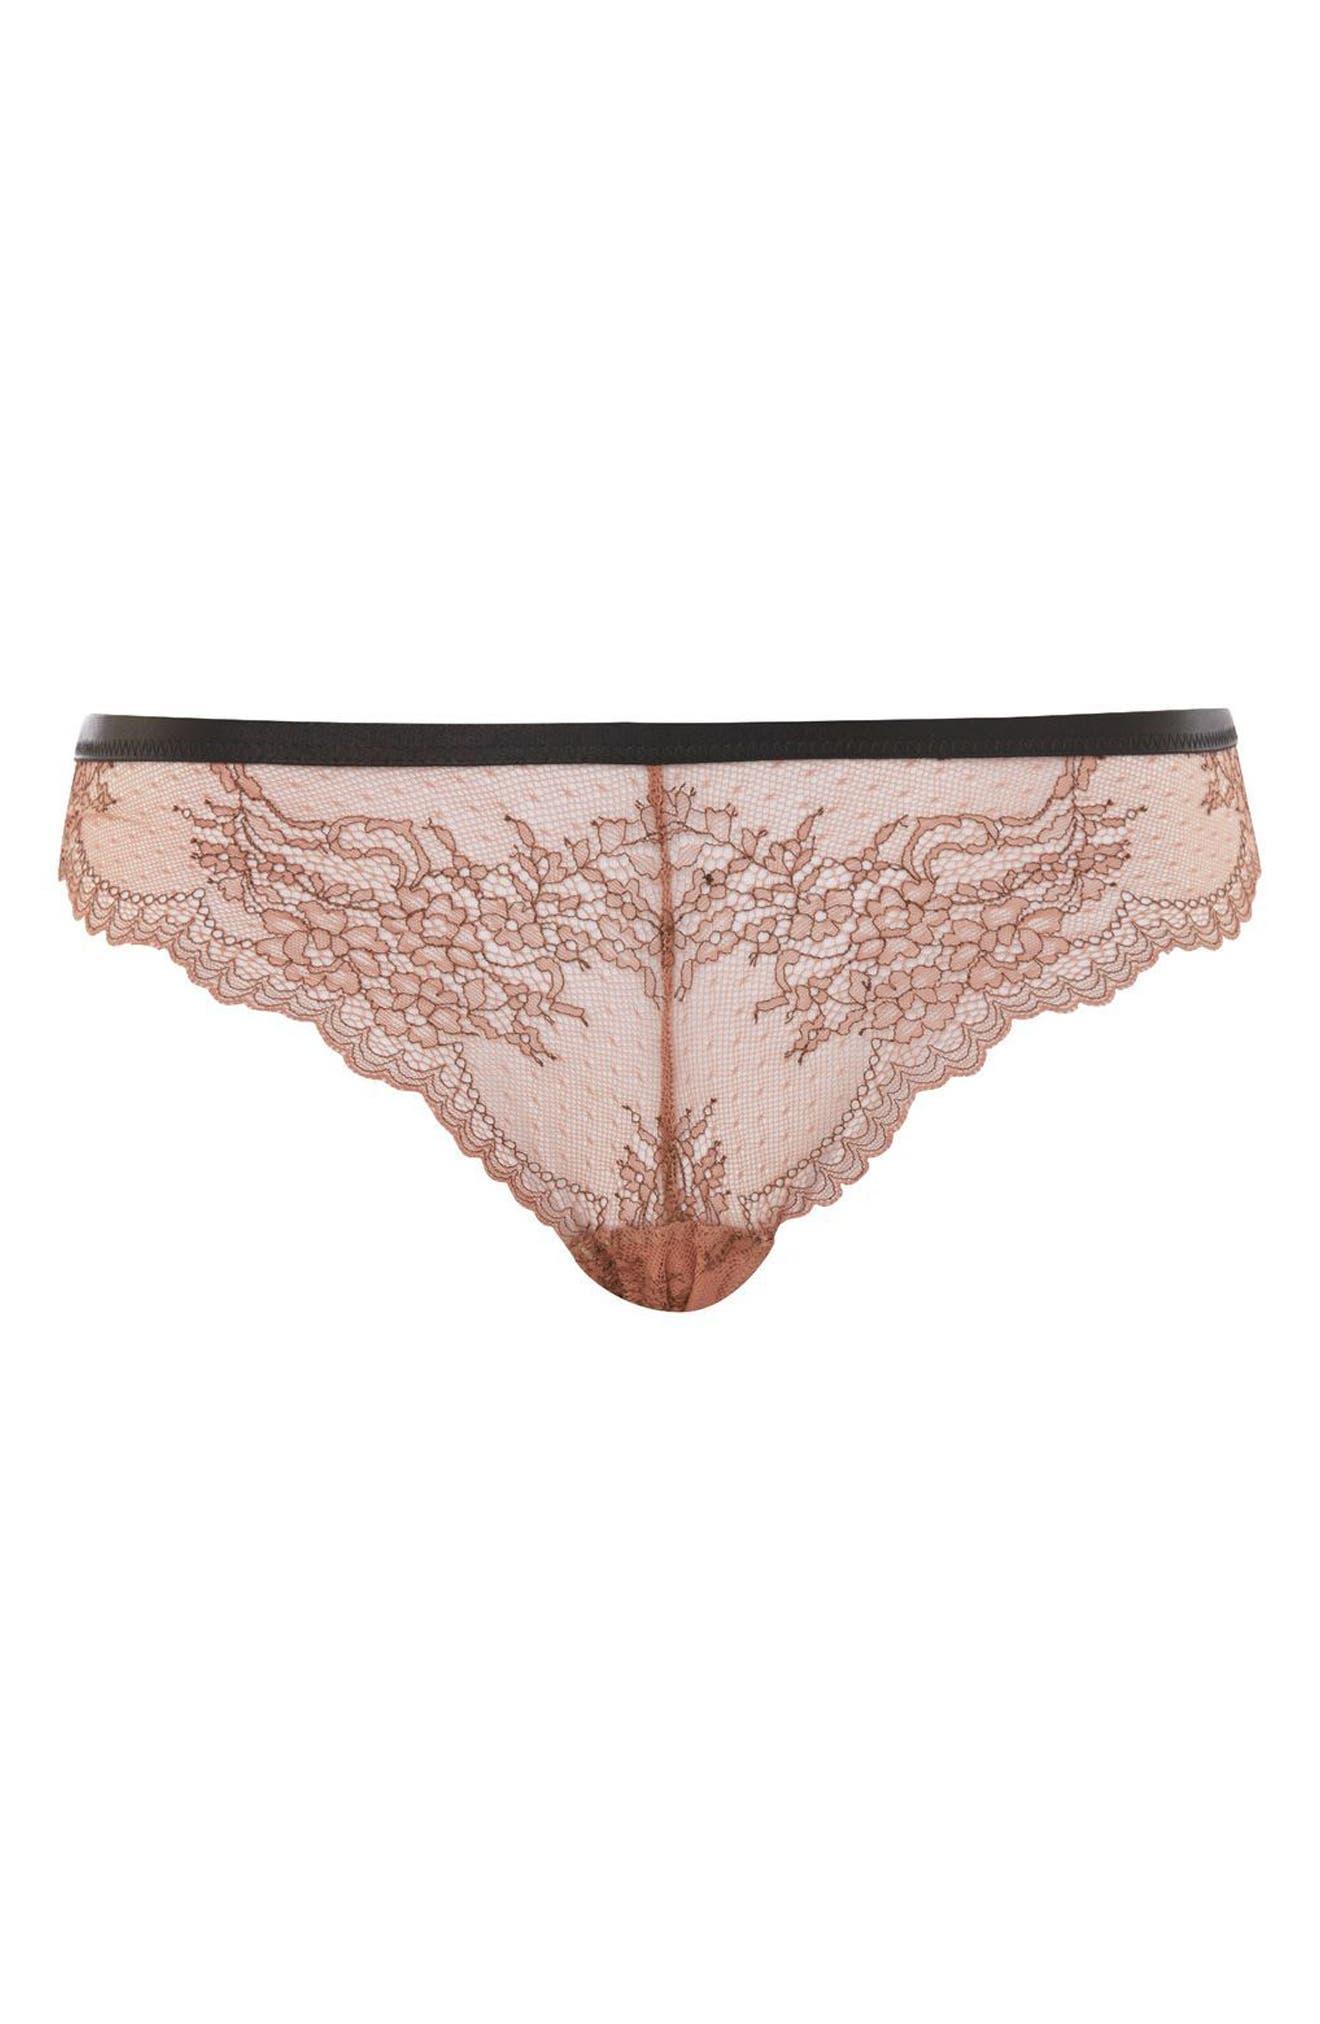 Lila Lace Brazilian Panties,                         Main,                         color, Nude